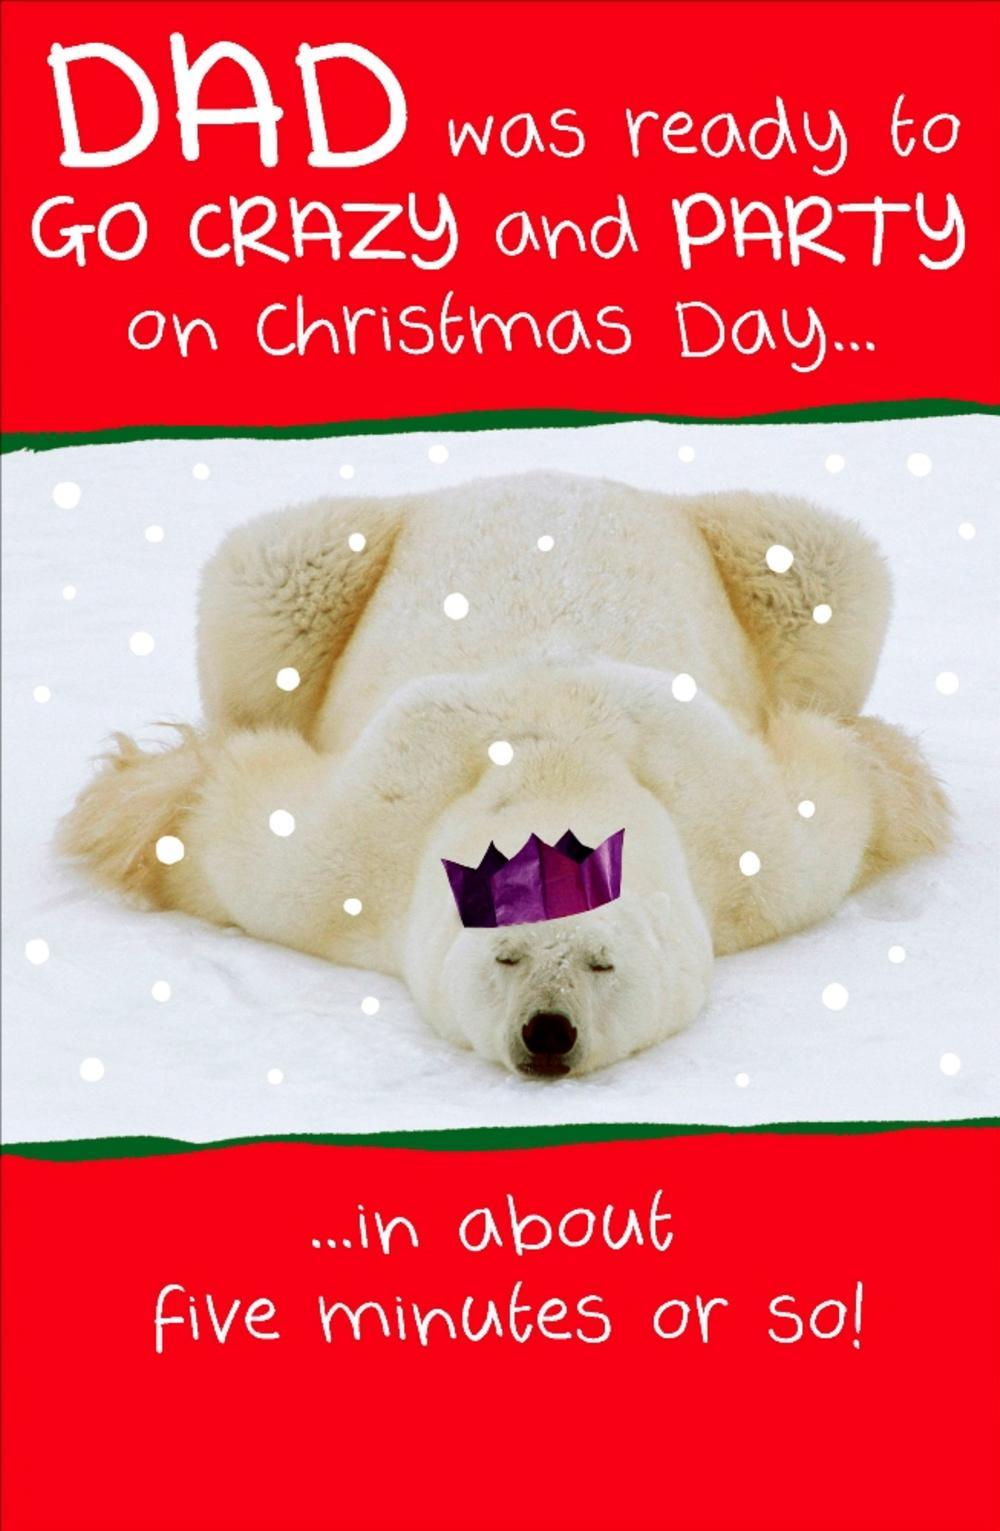 Dad Funny Animal Humour Christmas Greeting Card